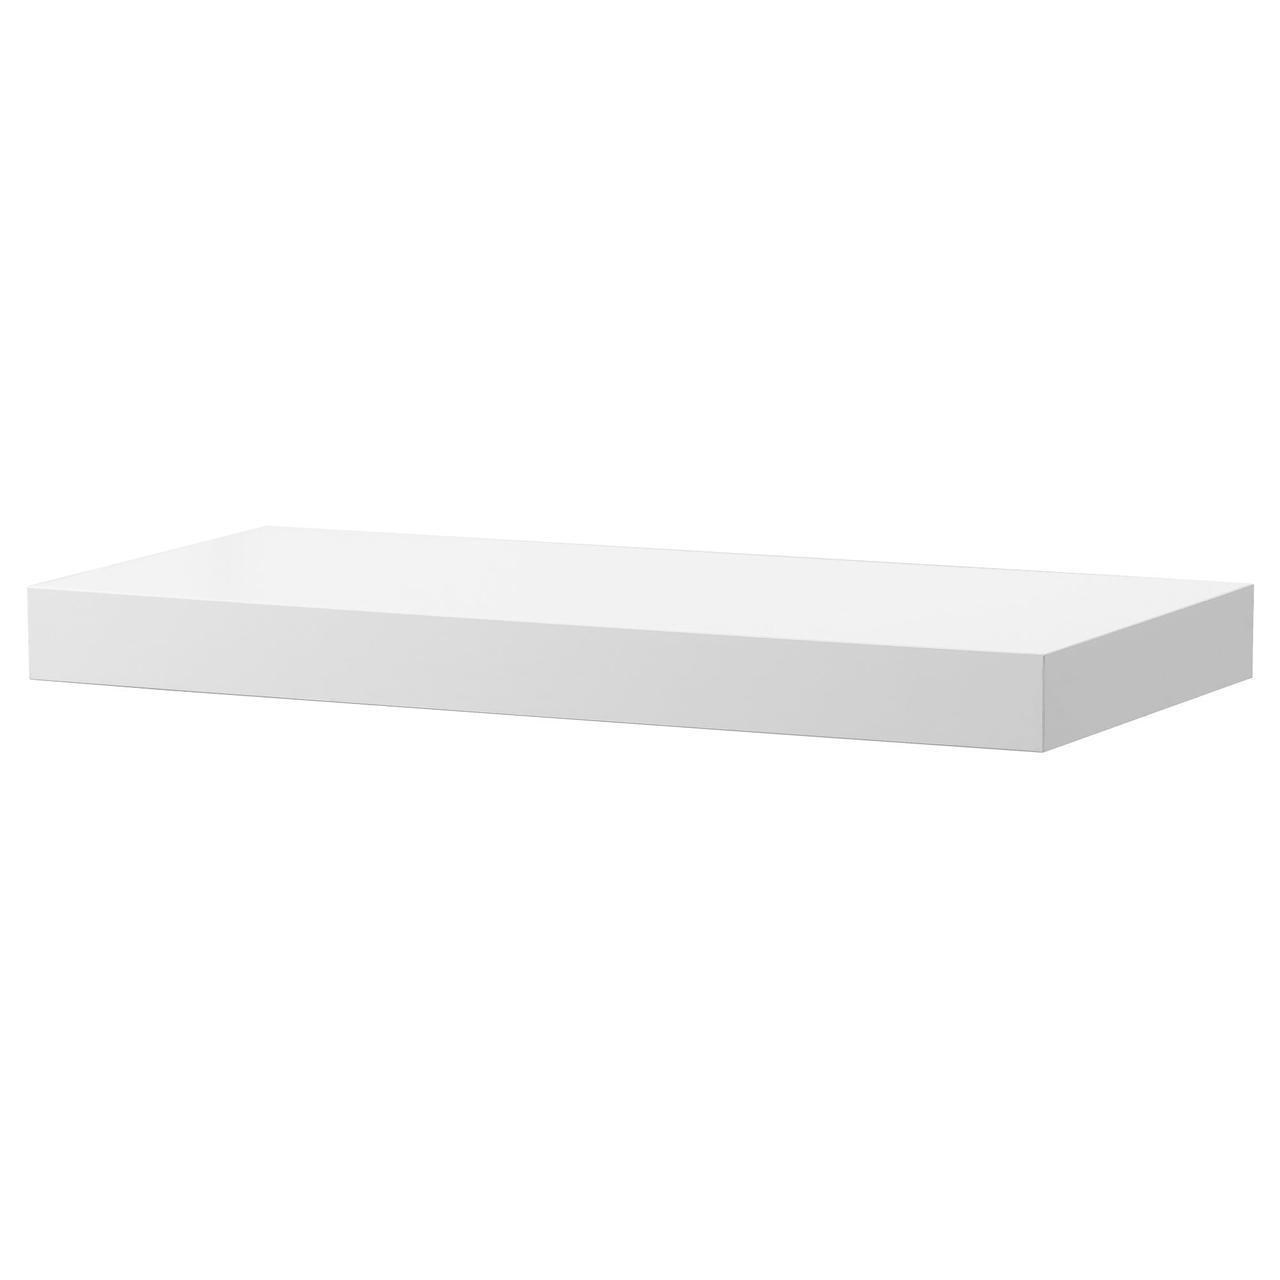 IKEA LACK Настенная полка, белая, глянцевый  (603.096.52)